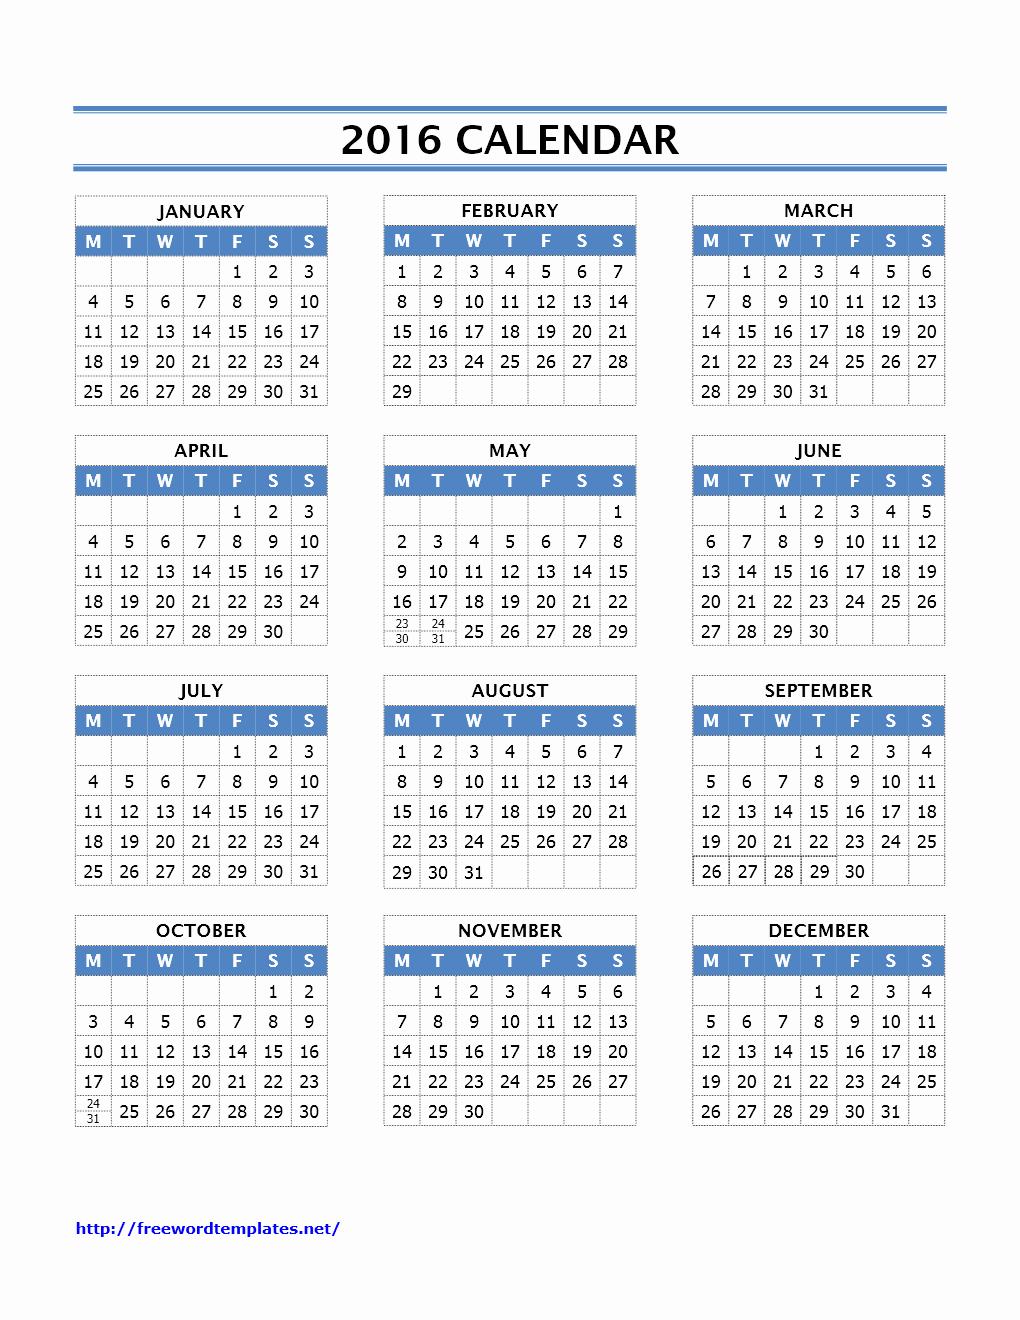 Blank Calendar Template 2016 Best Of 2016 Calendar Templates